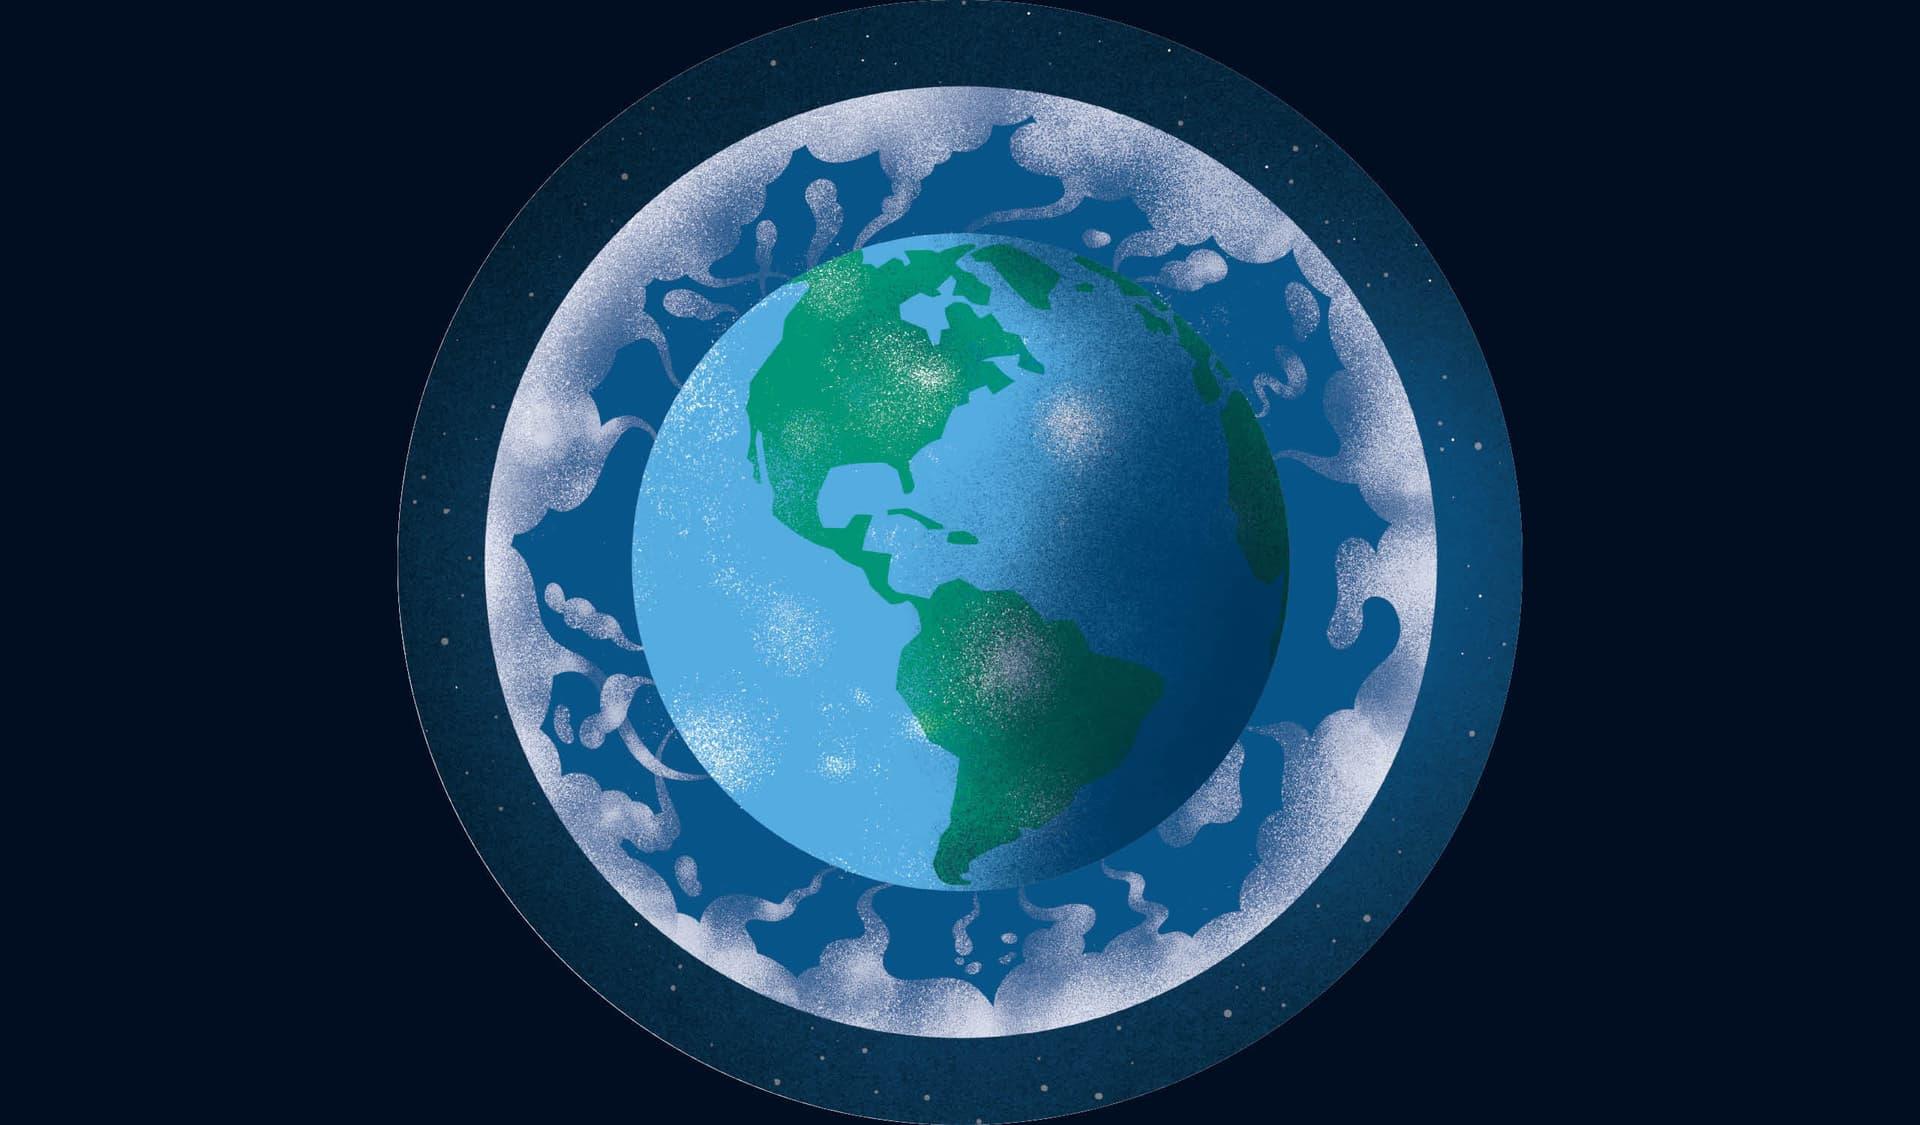 Die Erdkugel mit Atmosphäre und Treibhausgasen